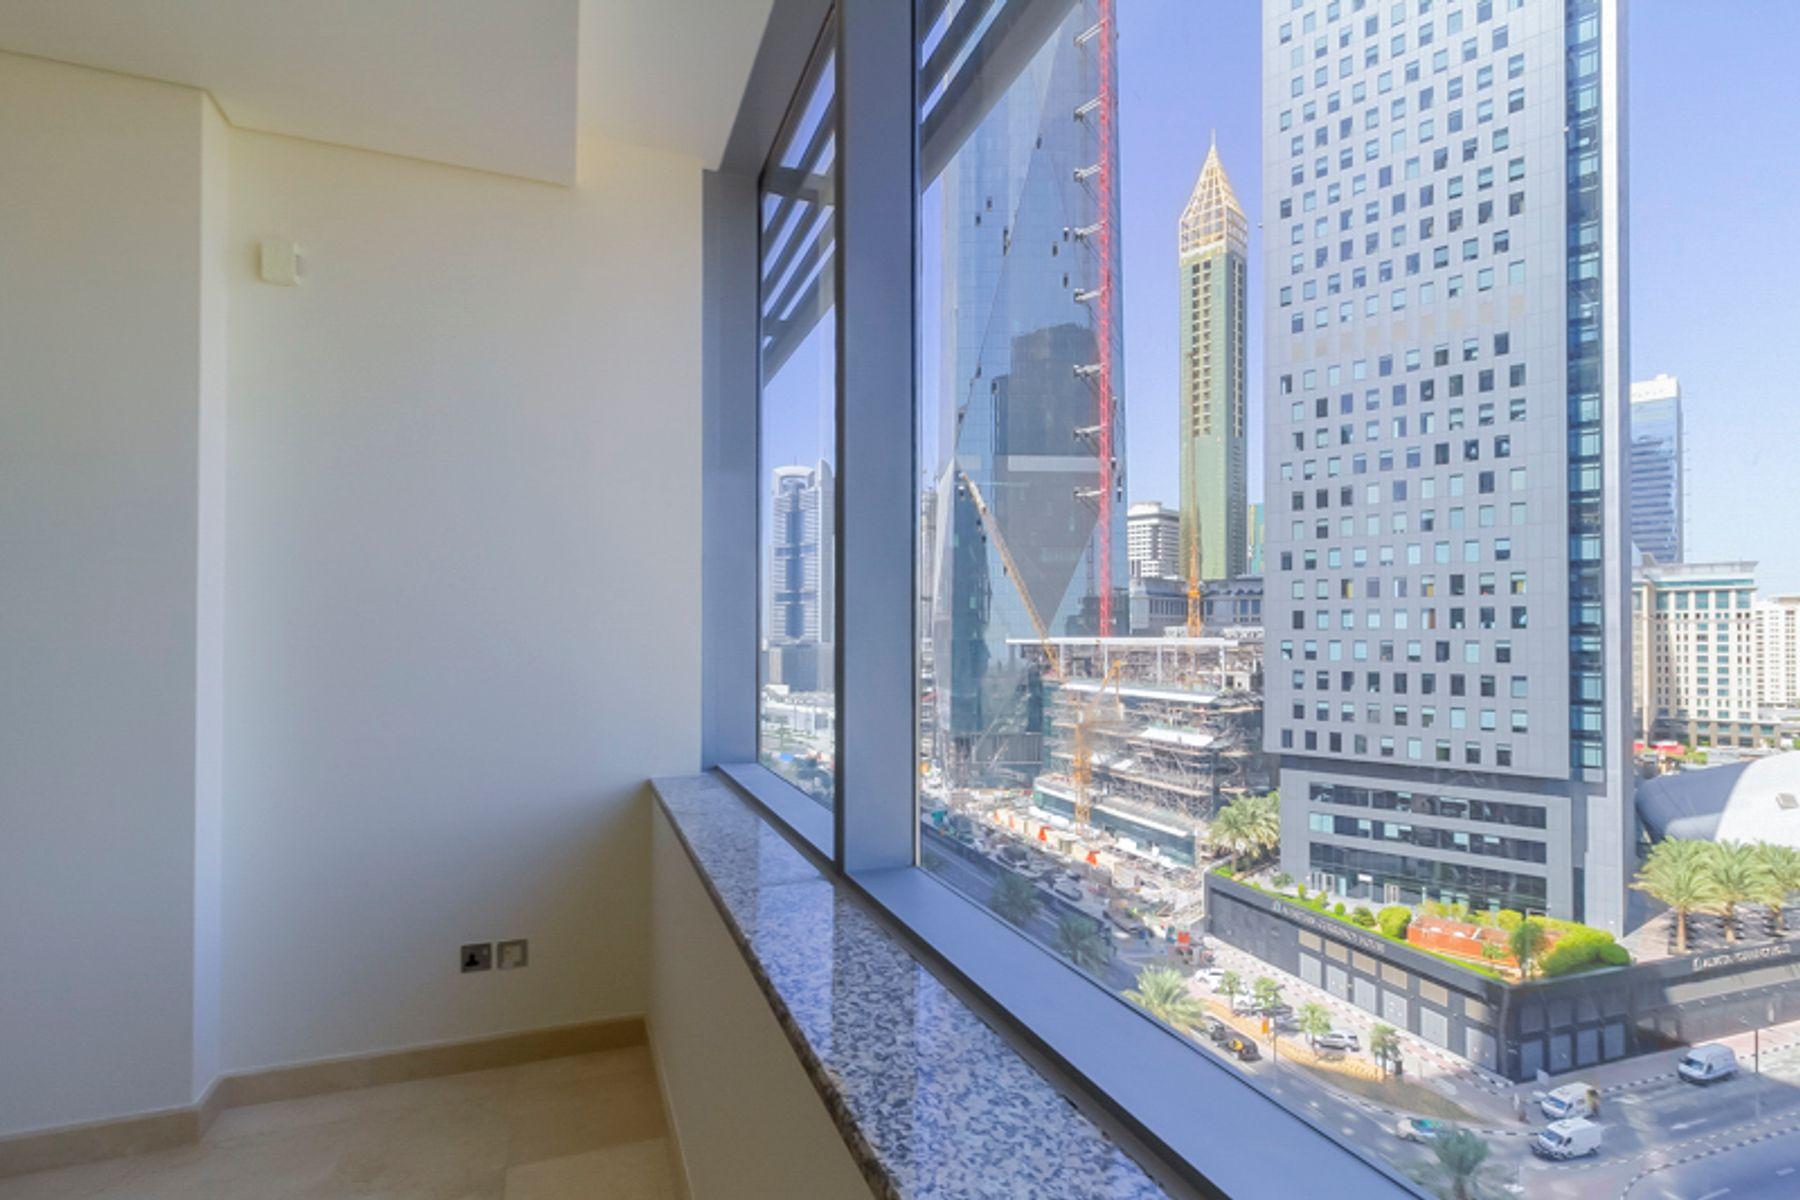 للايجار - شقة - سكاي جاردنز - مركز دبي المالي العالمي